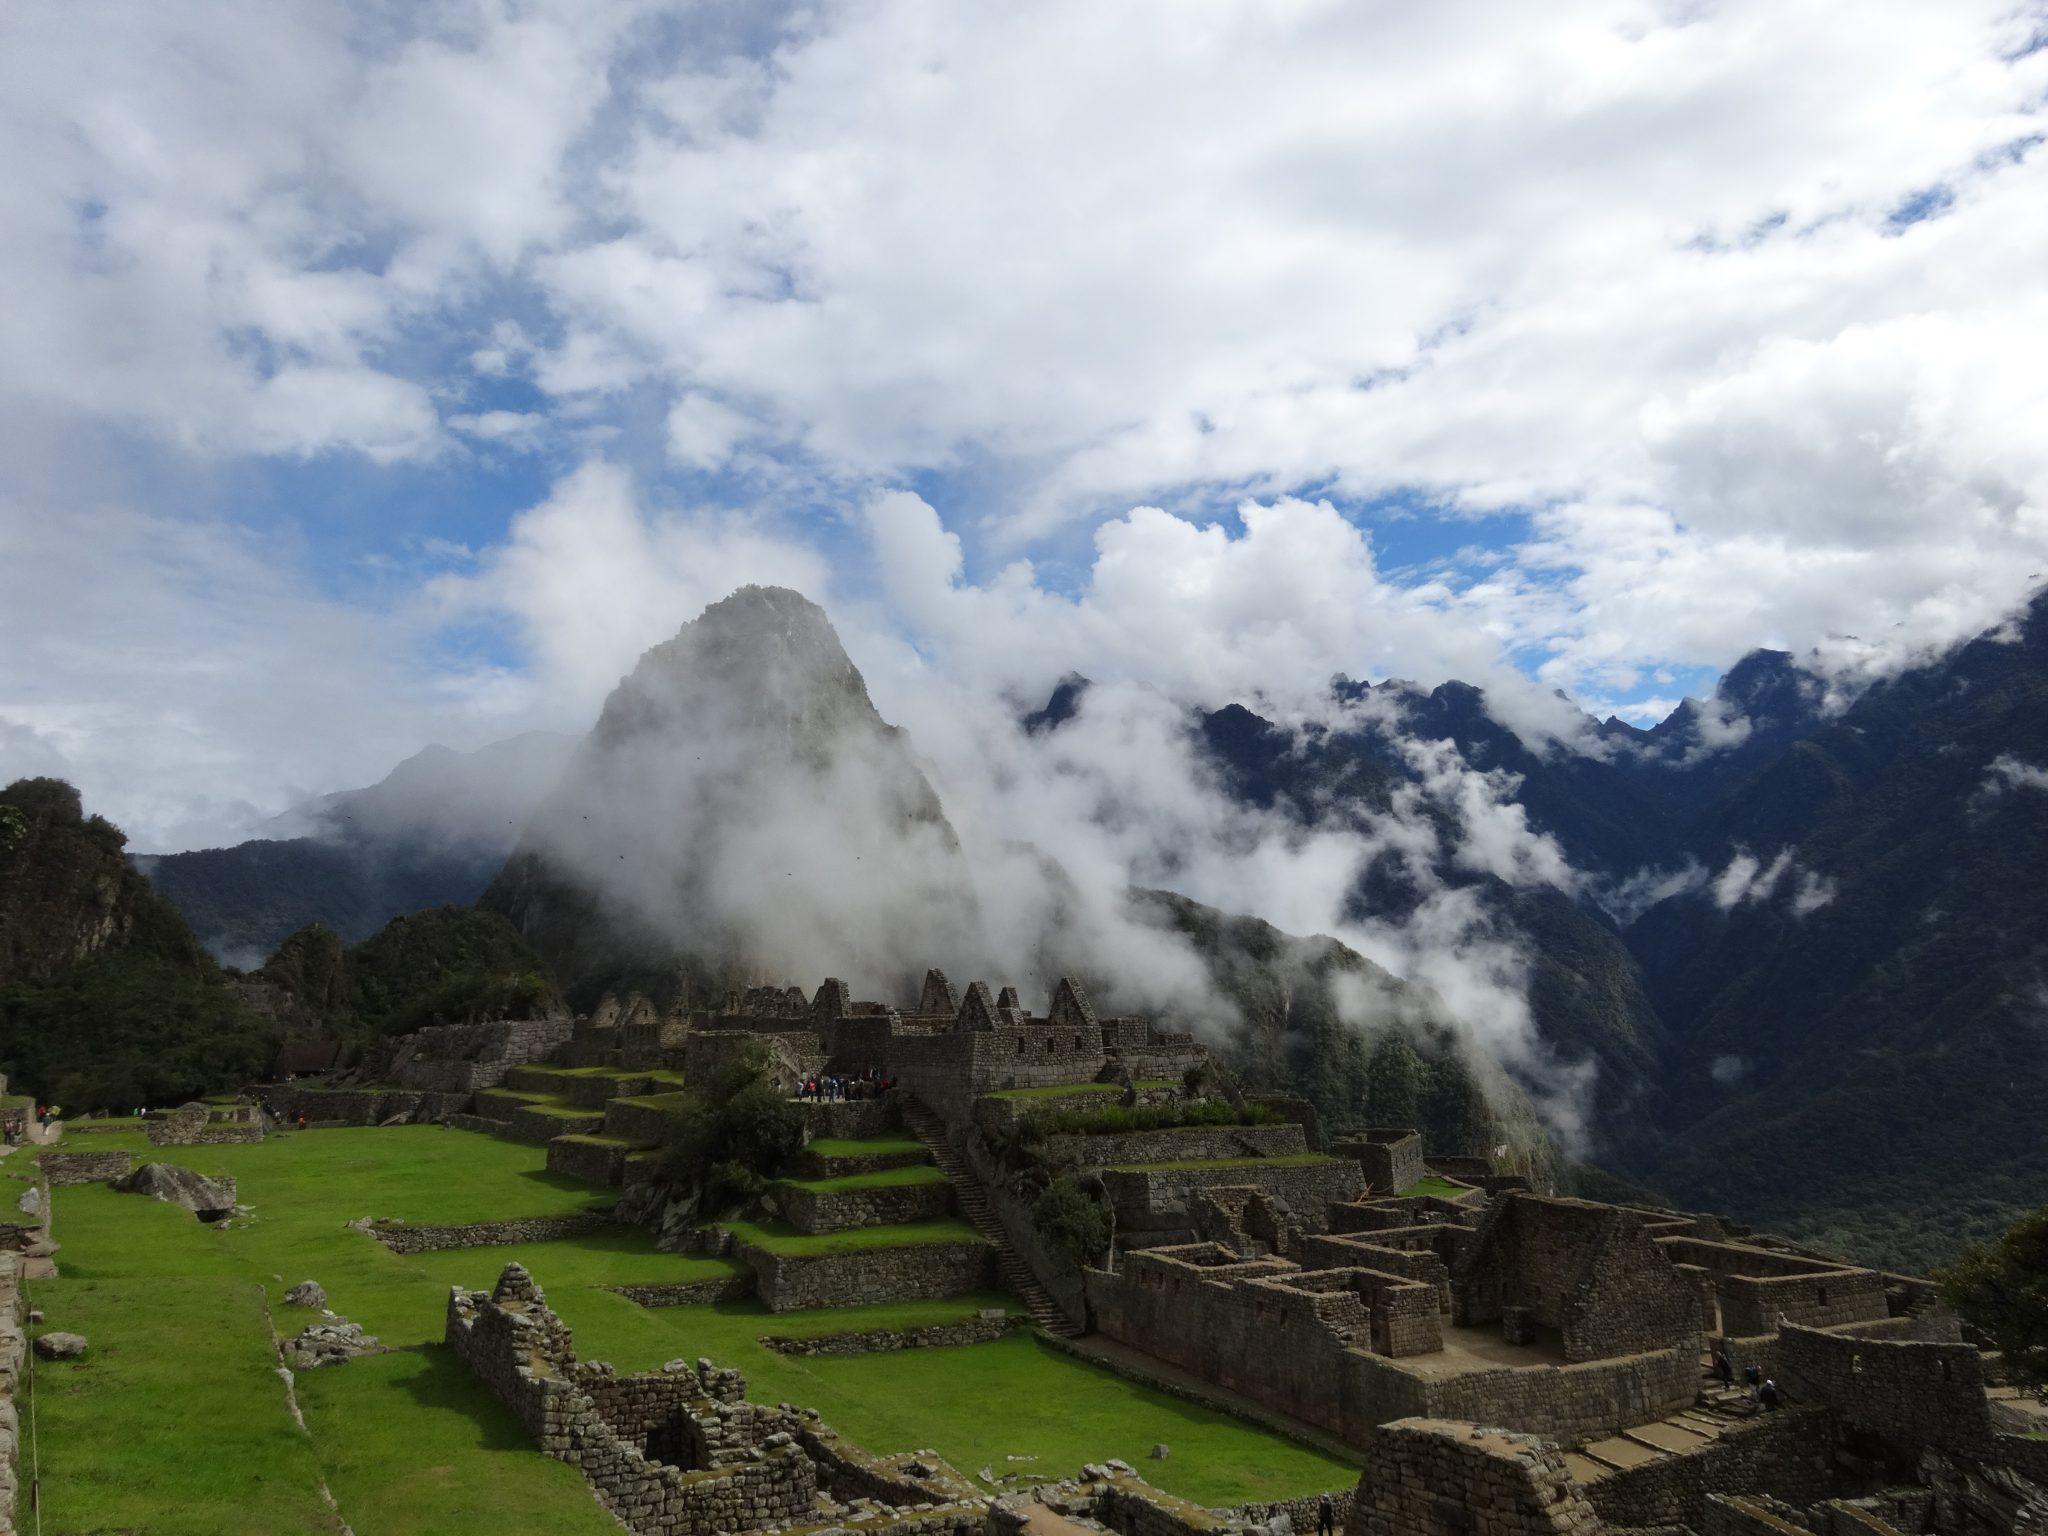 ペルー、観光スポット、マチュピチュ、Machu Picchu